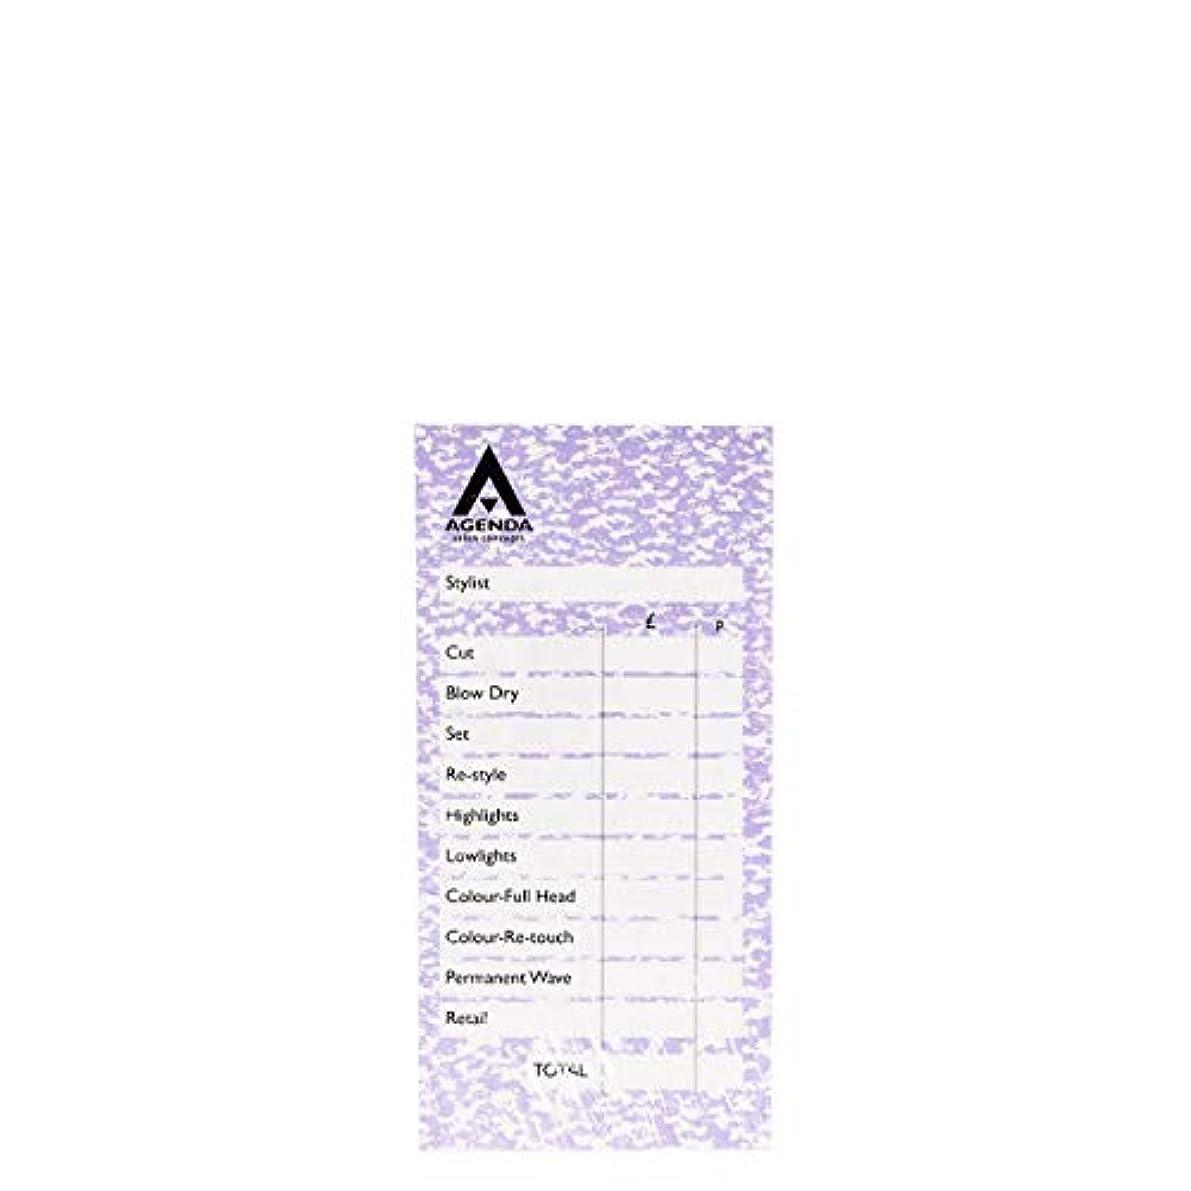 優雅メンタリティミケランジェロアジェンダ サロンコンセプト チェックパッドモーブ6x100リーフ[海外直送品] [並行輸入品]